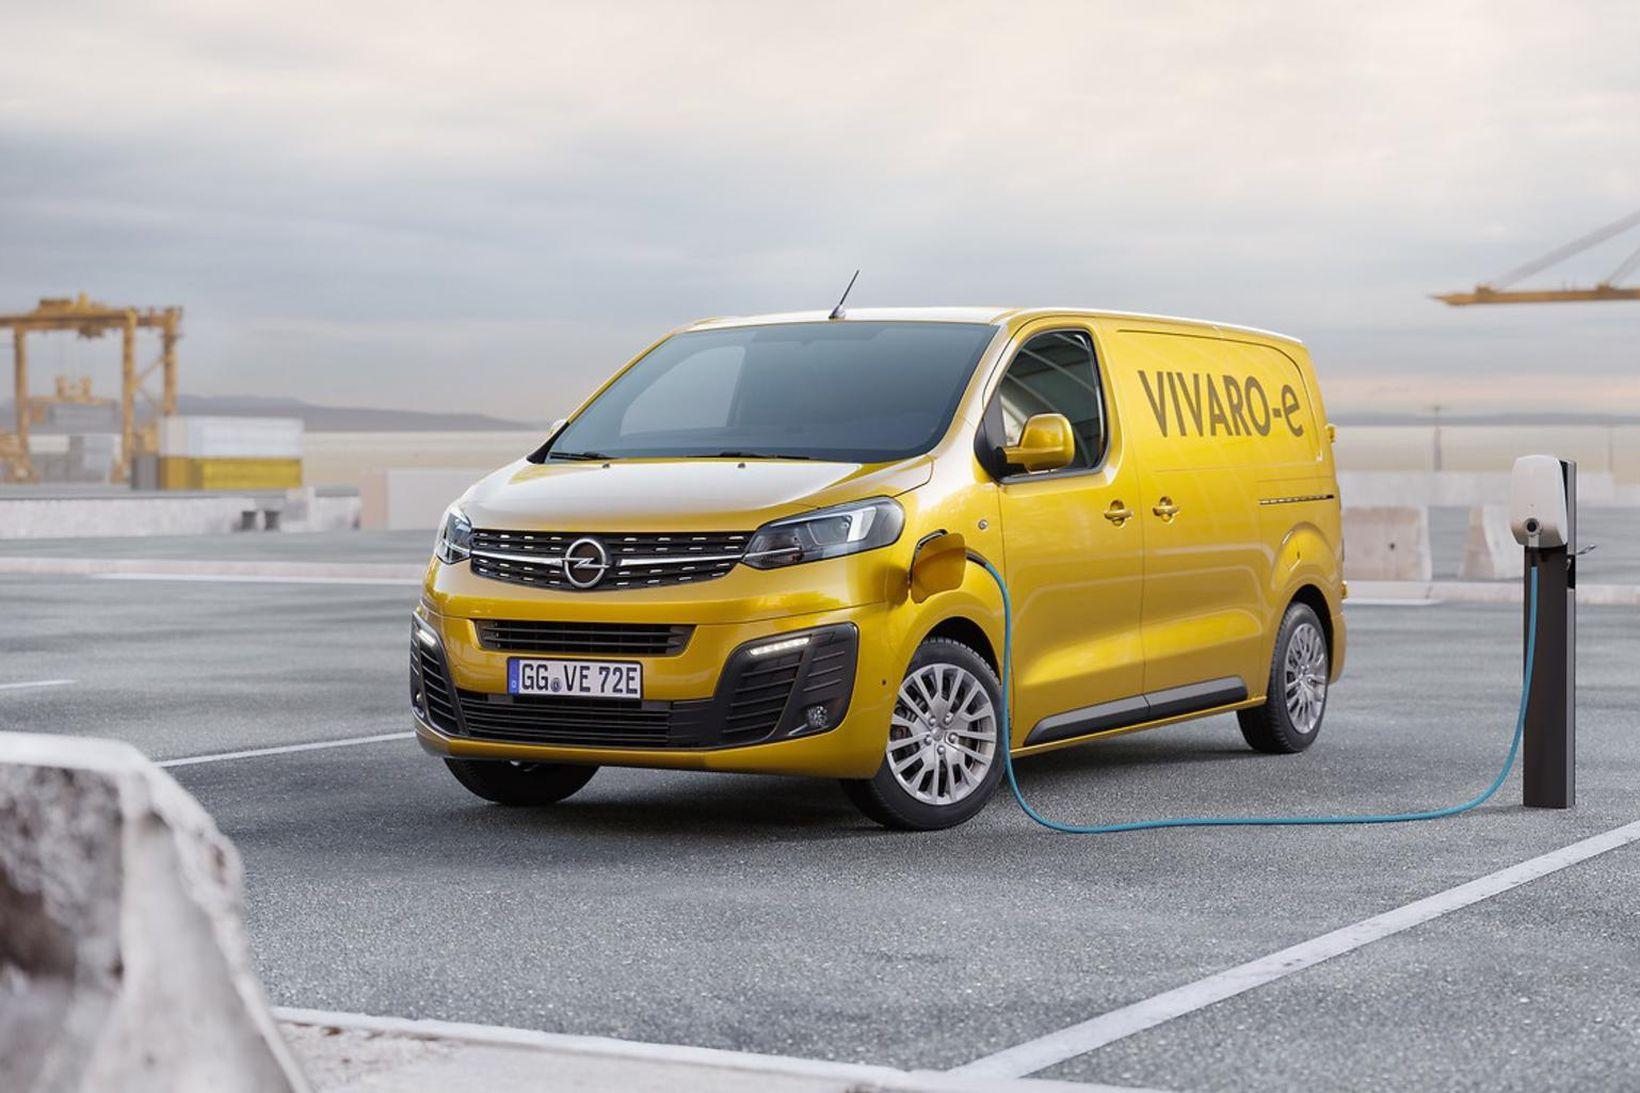 Opel Vivaro–e sendibíll ársins hjá bílaritinu WhatCar.